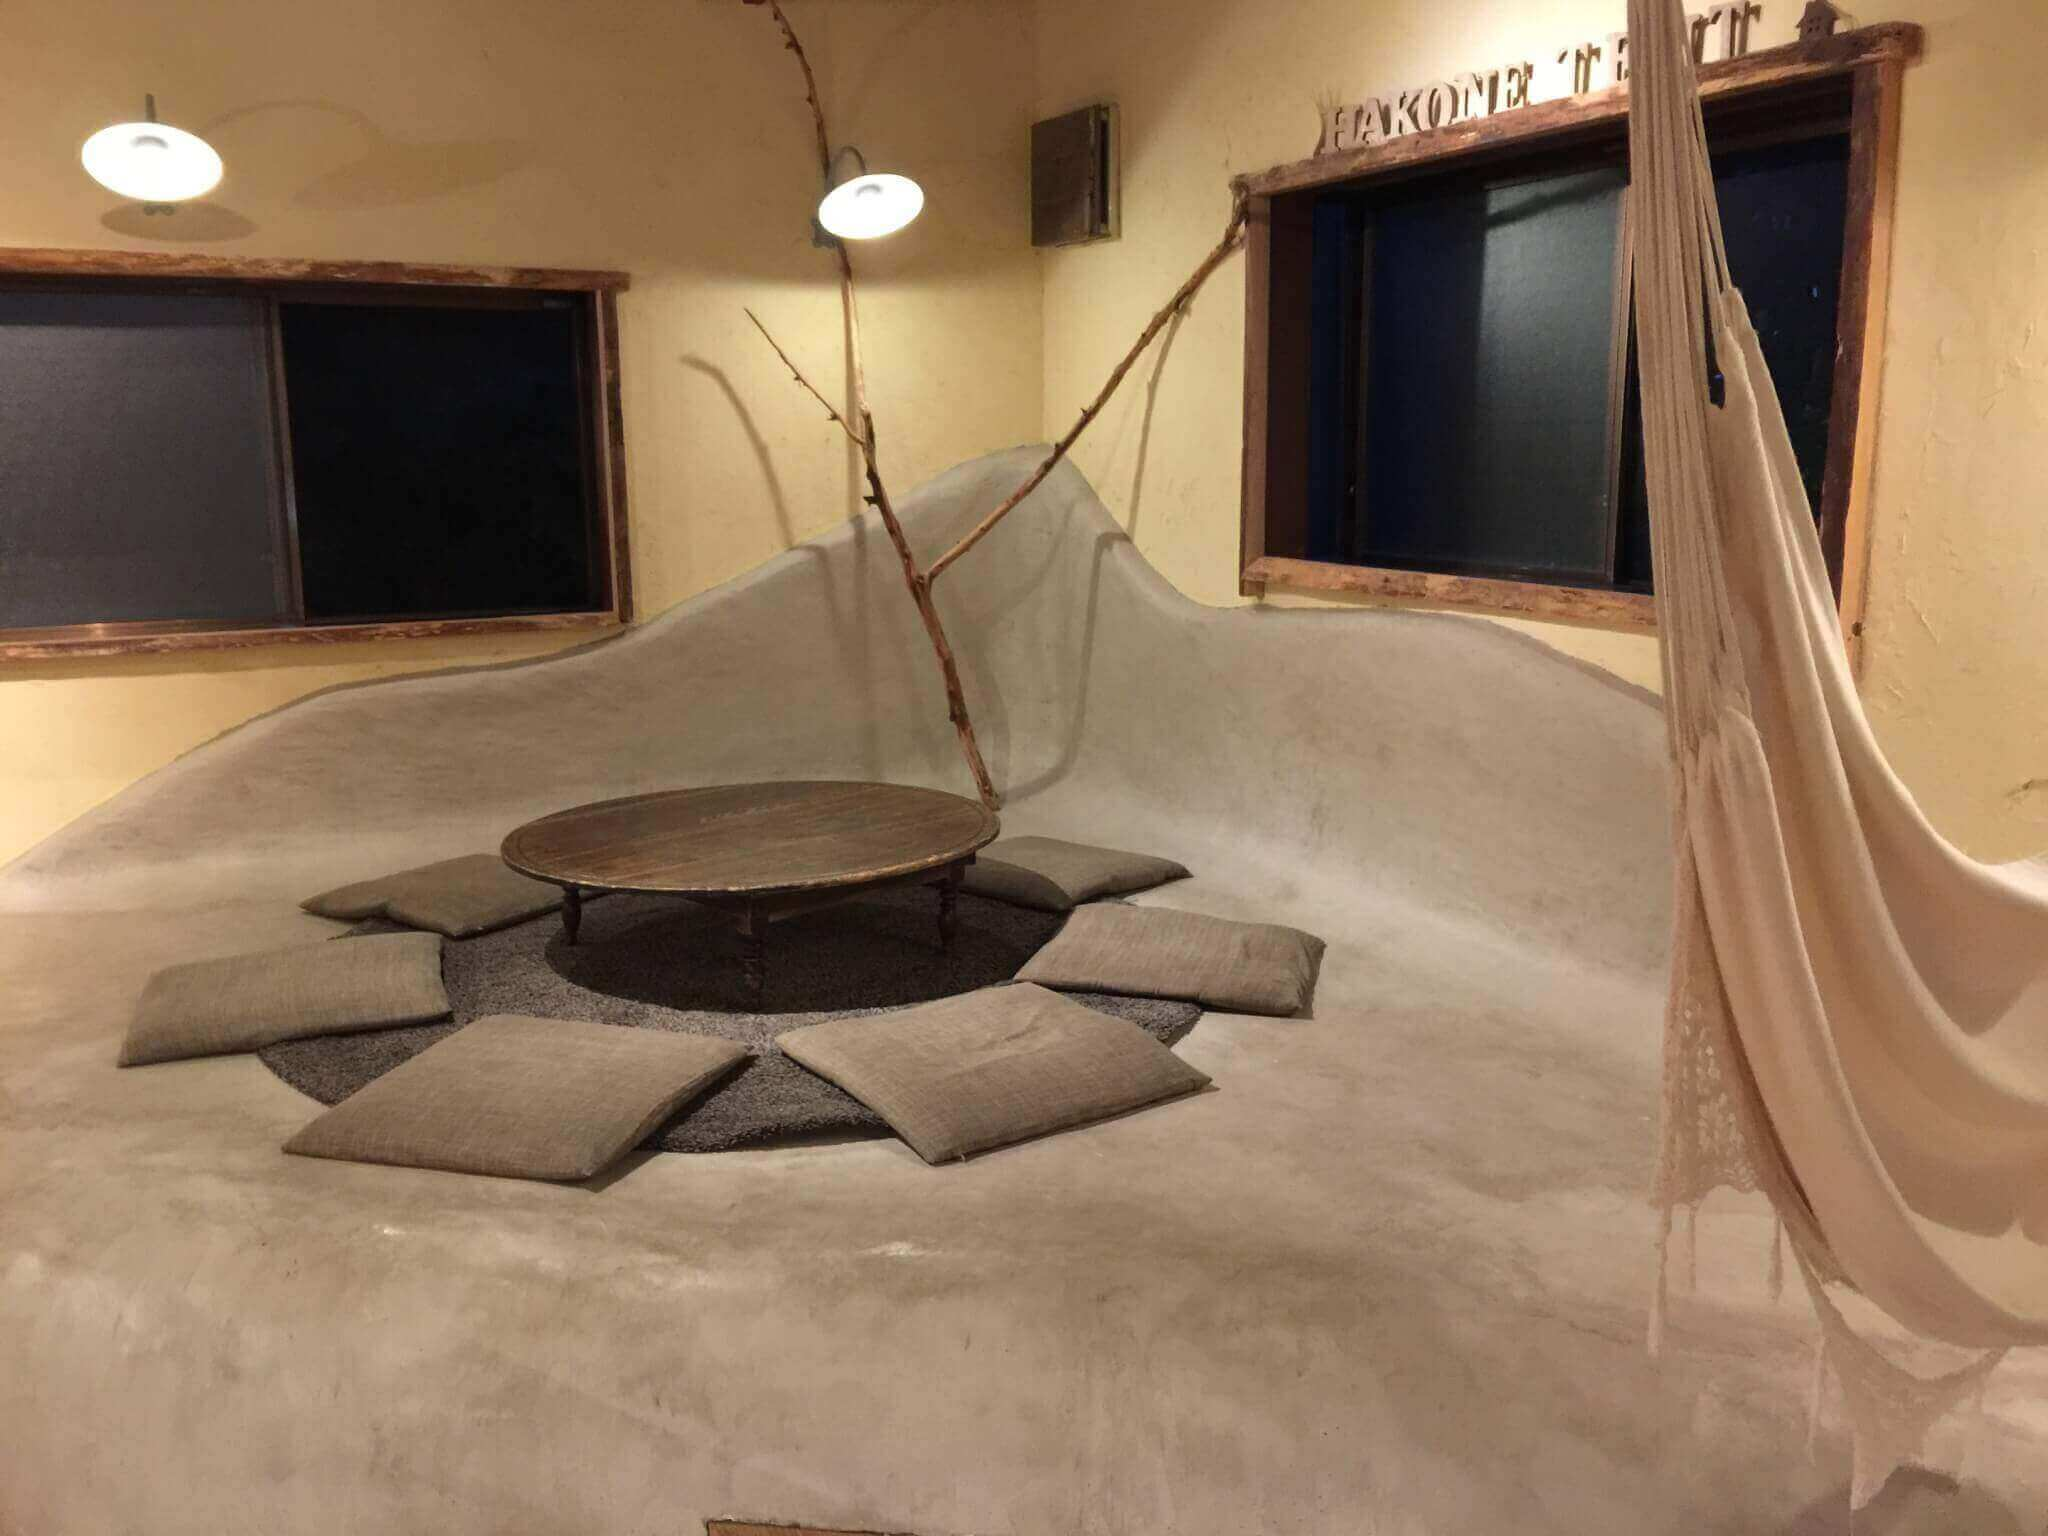 箱根テント(Hakone TENT)の内装